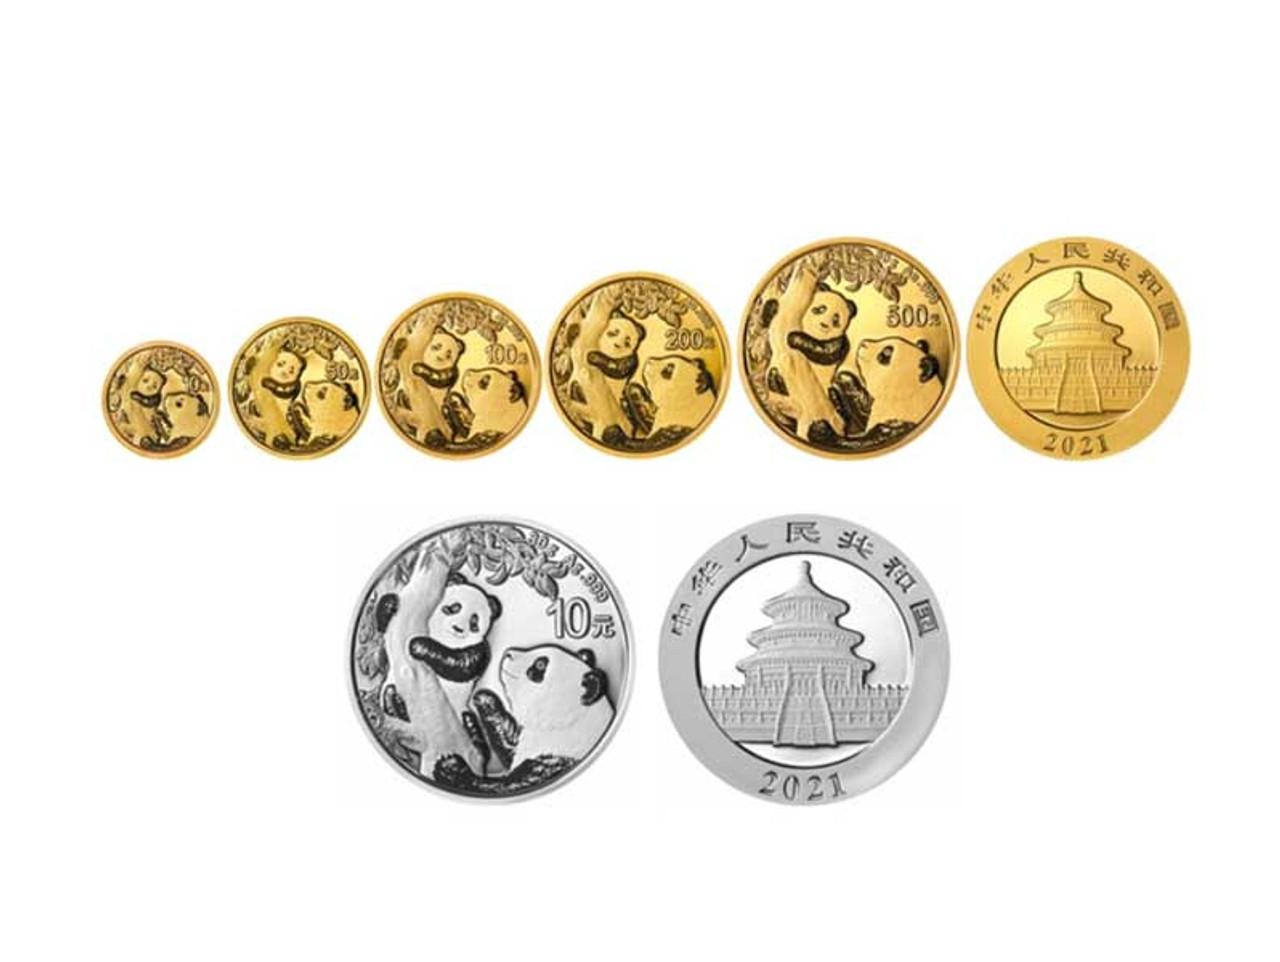 China 2021 Panda Gold and Silver Coins!